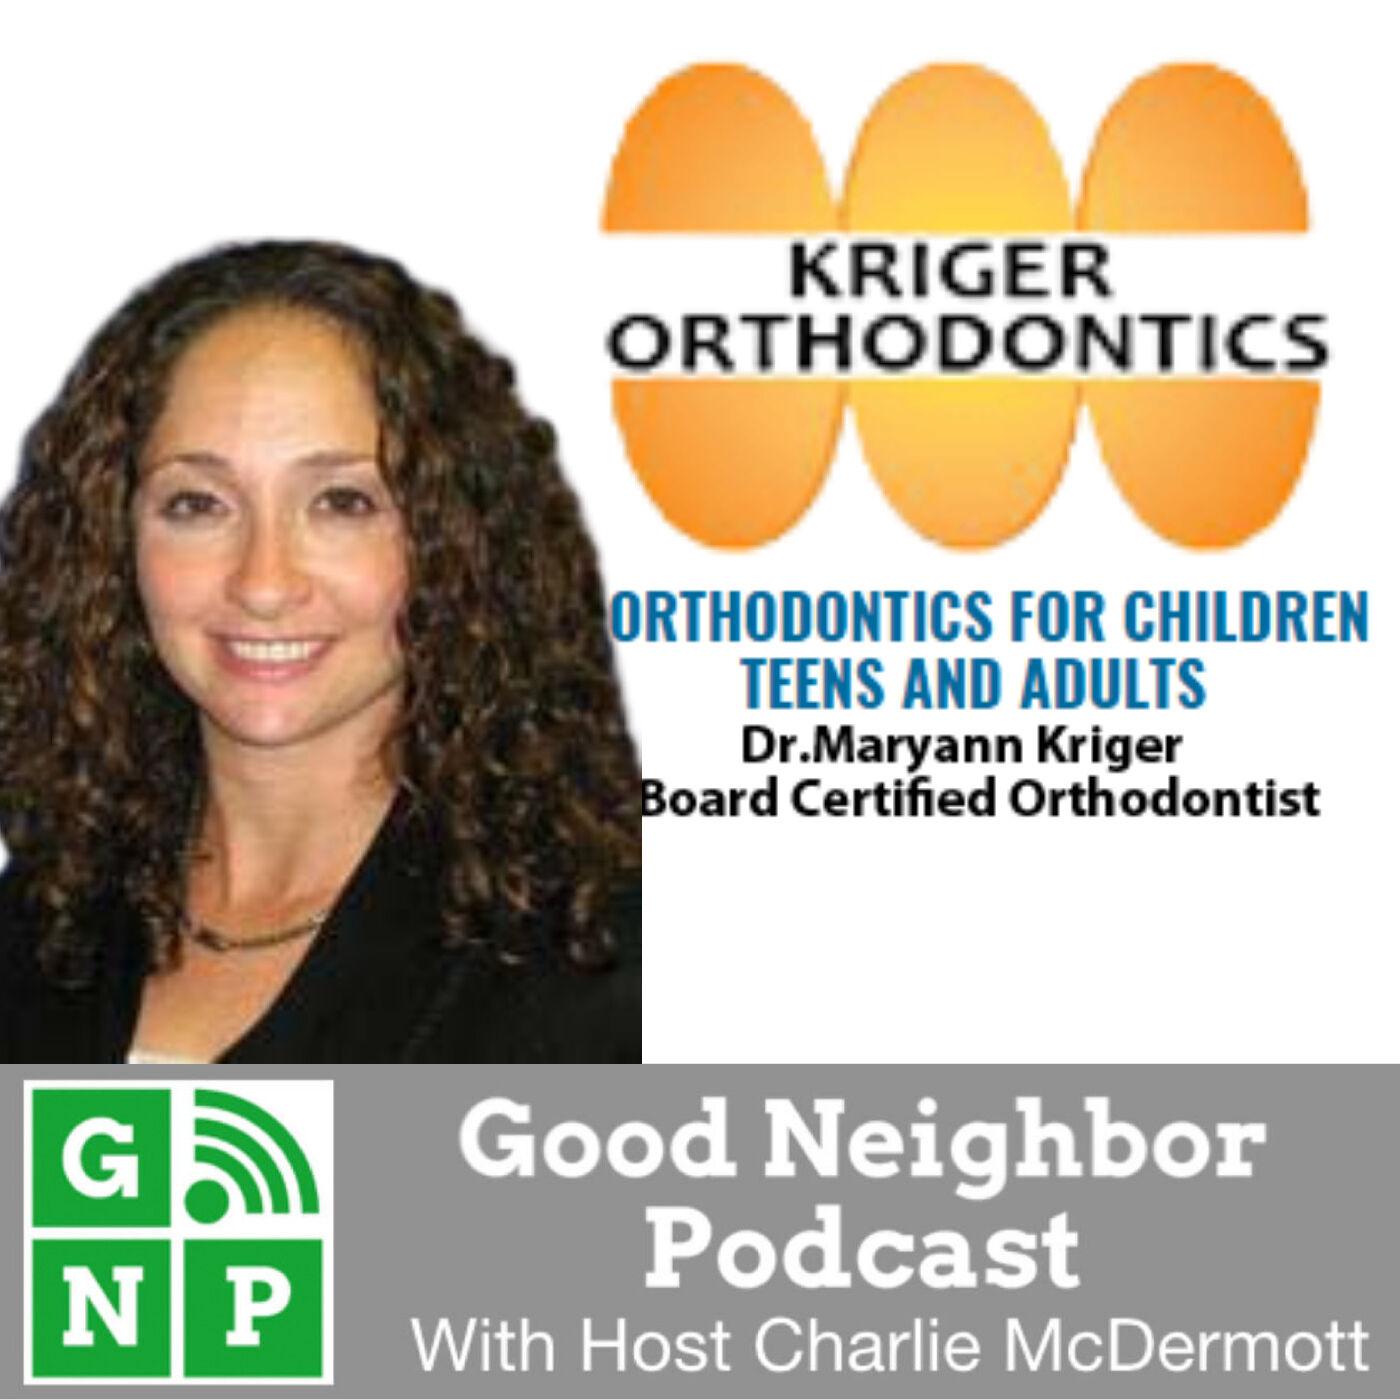 EP #452: Kriger Orthodontics with Dr. Maryann Kriger